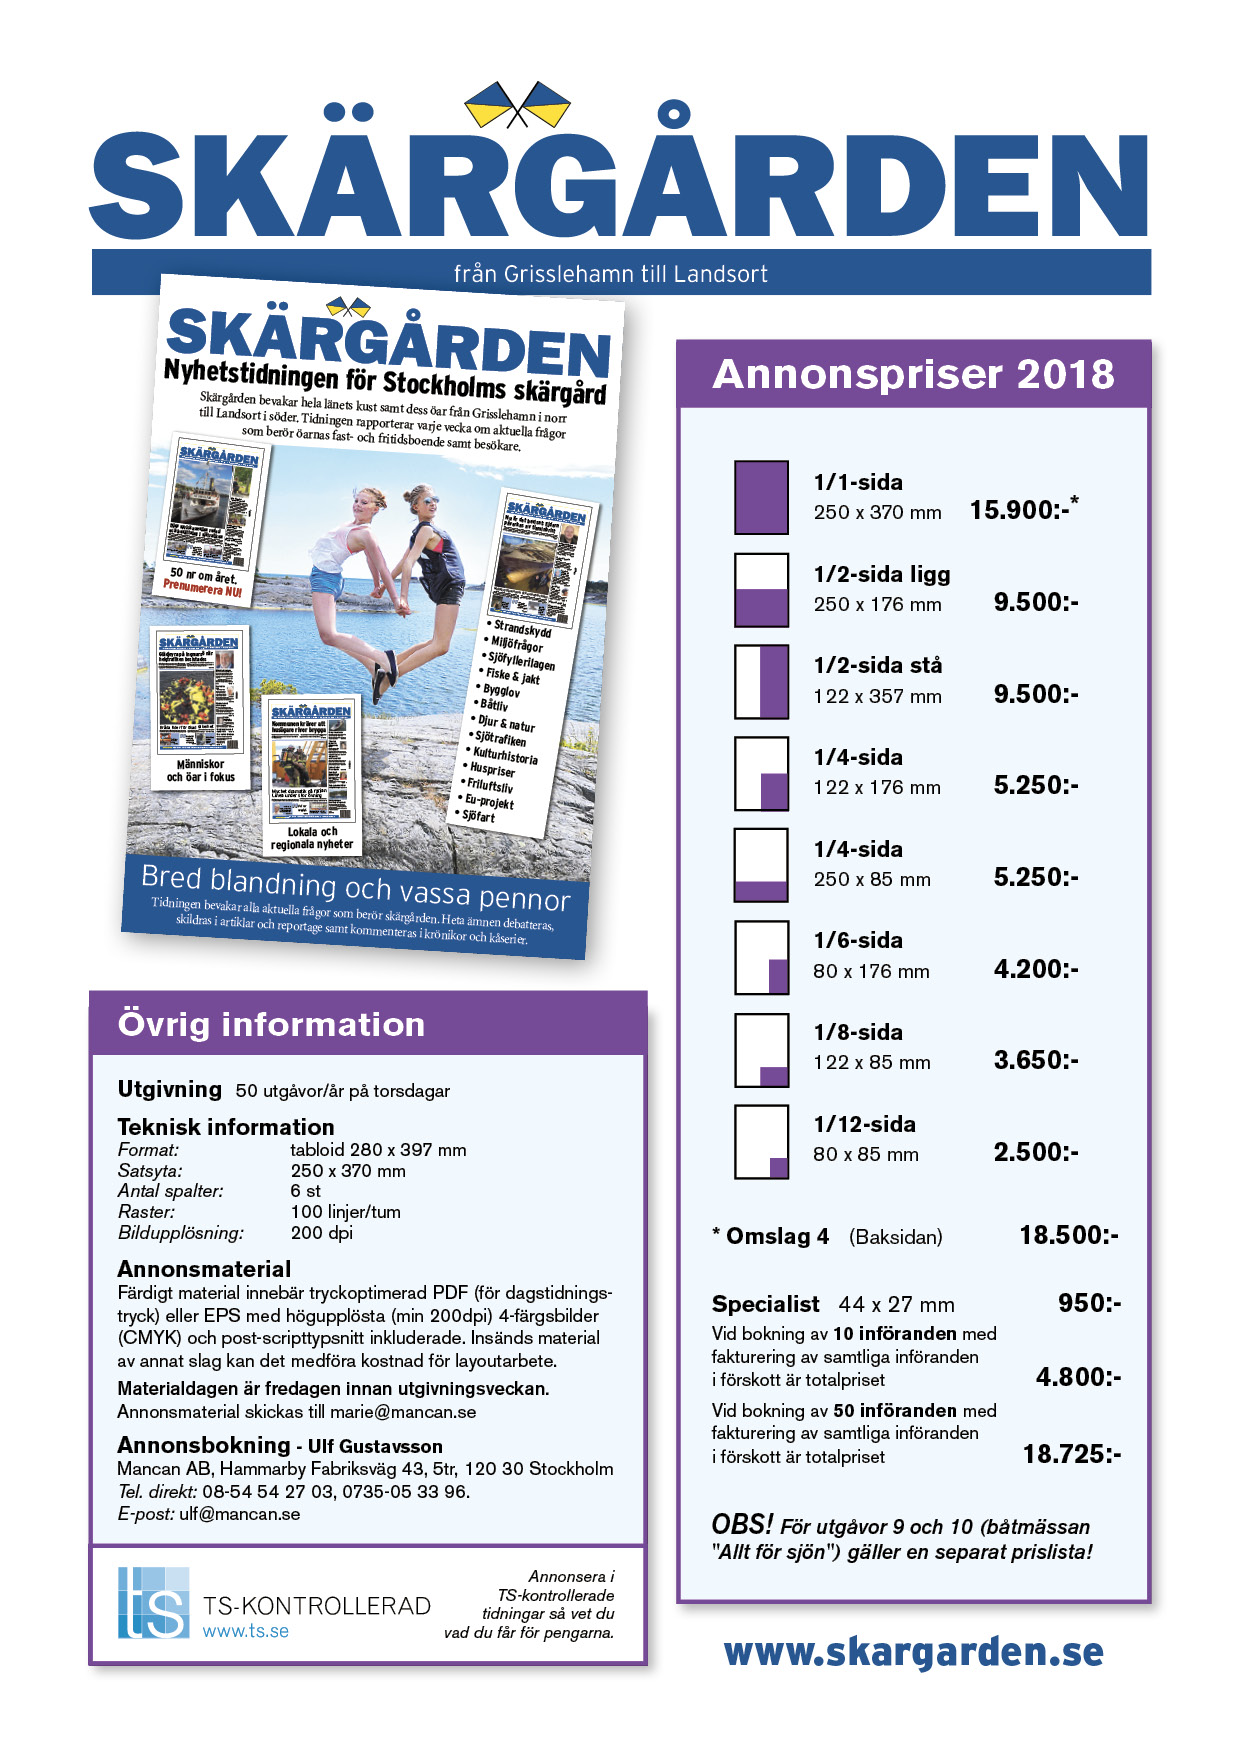 Skärgården_Pris2018